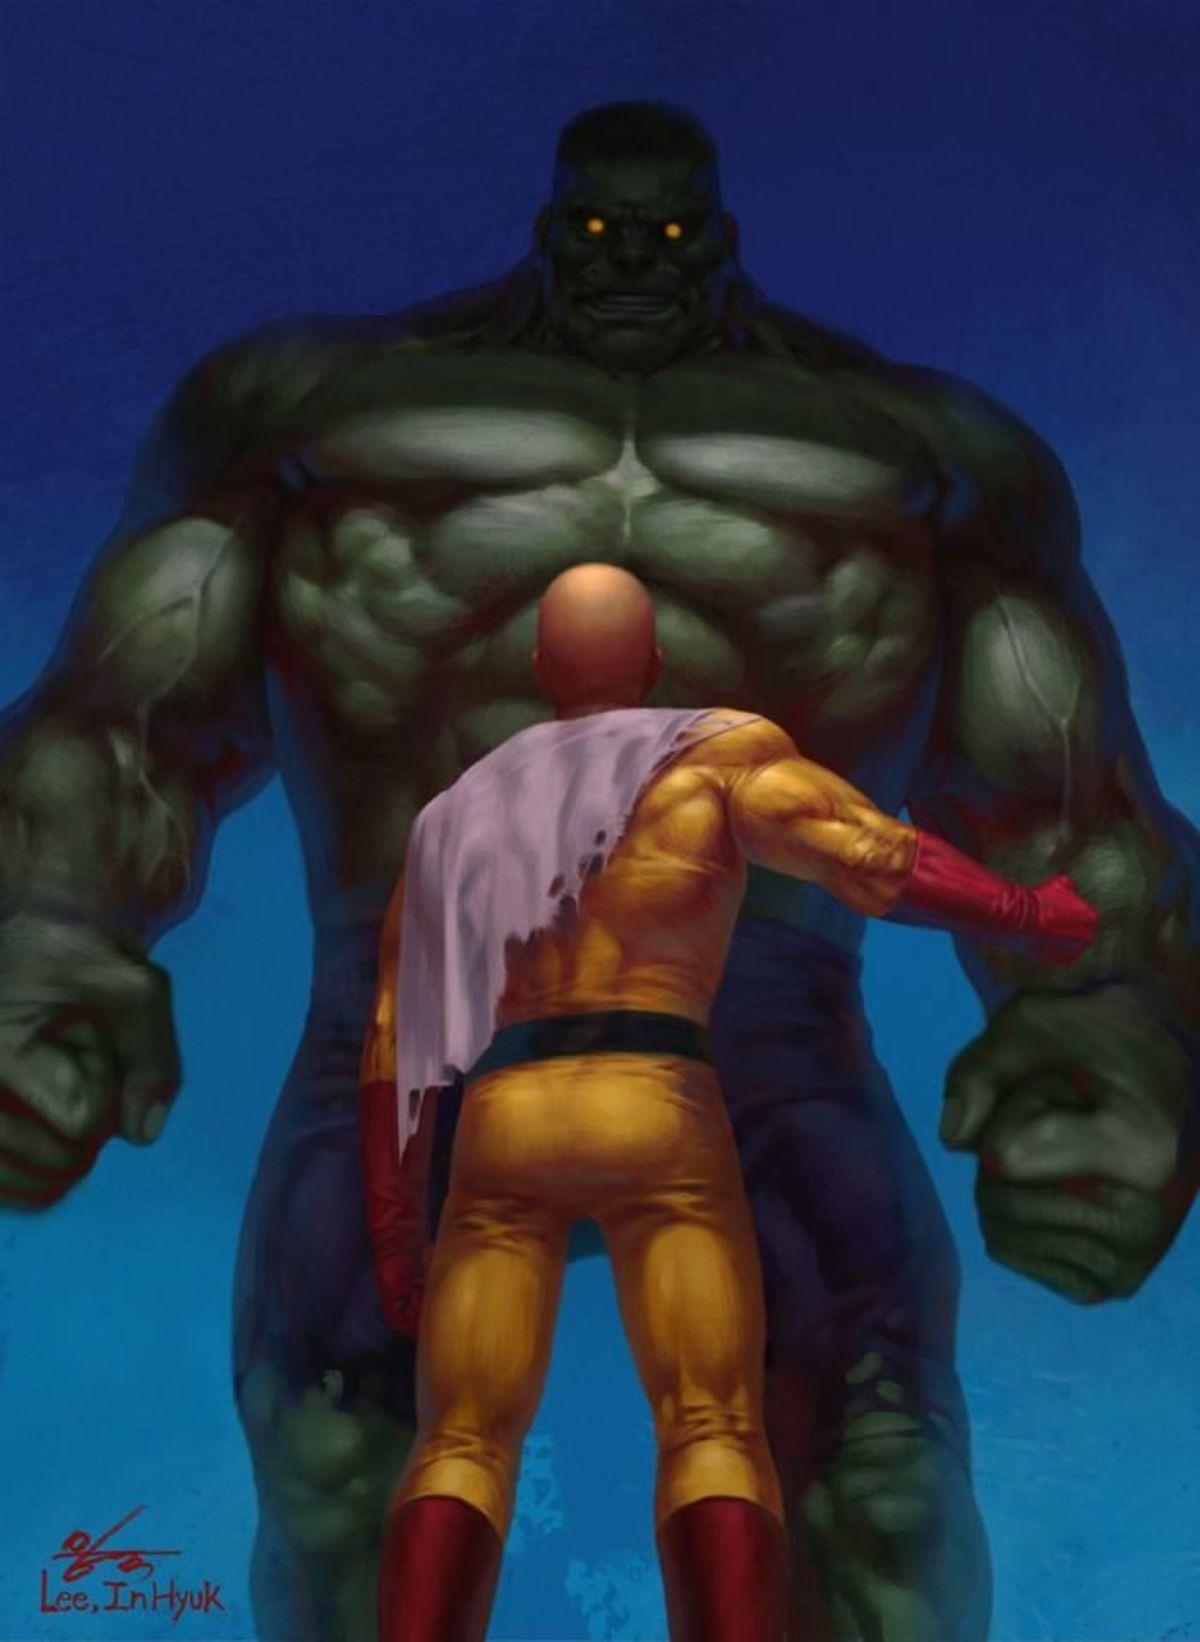 Saitama vs Hulk. .. It's been said before, and I'll say it again. Saitama isn't Hulk tier. He isn't Superman/Darkseid tier. He isn't Watcher tier. He isn't Goku tier. He isn't Jire